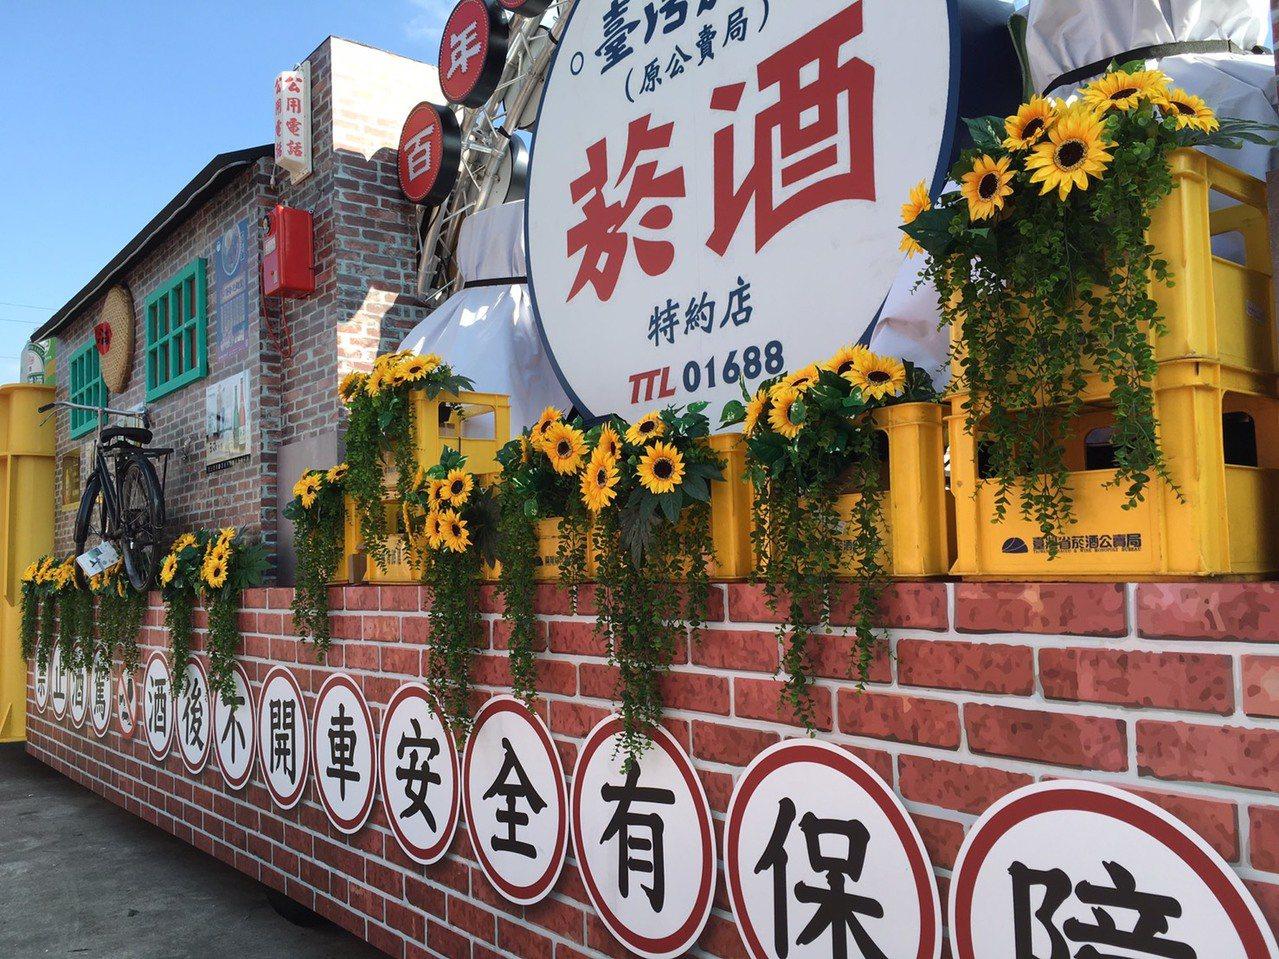 台灣菸酒公司花車擺滿民眾熟悉的黃色塑膠籃,令人莞爾一笑。記者吳姿賢/攝影